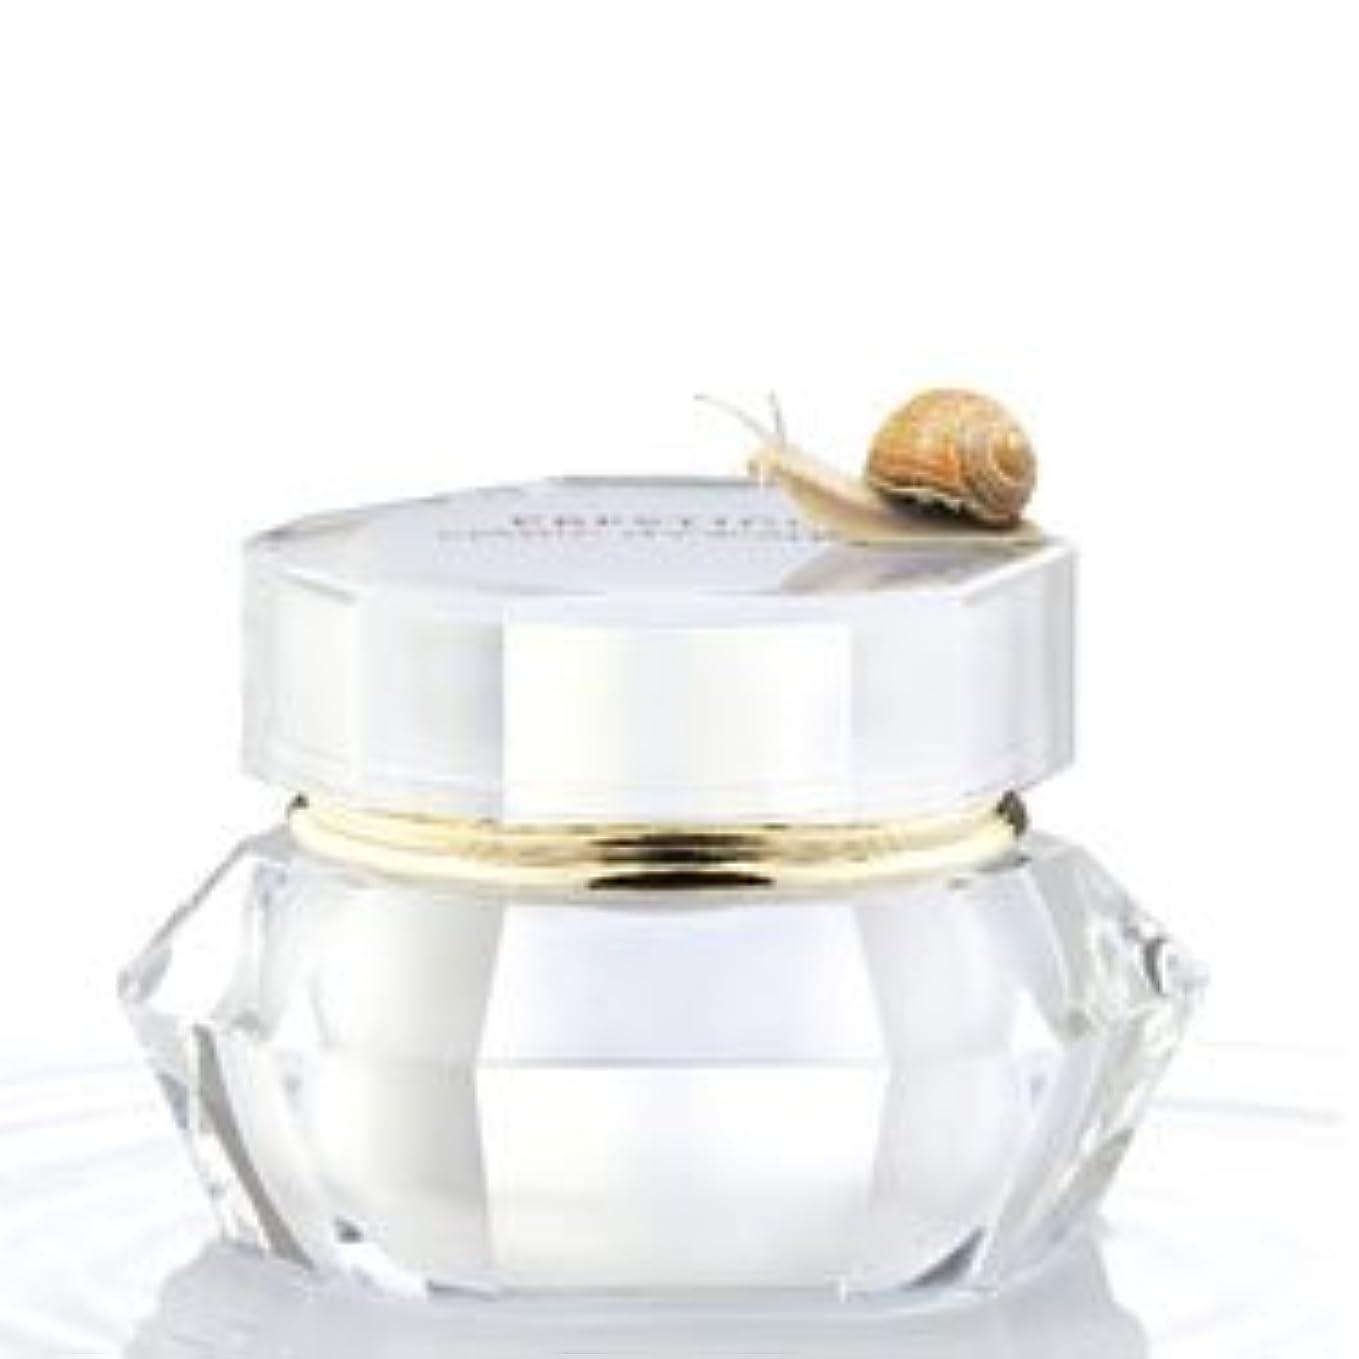 大人記念品秘書イッツスキン プレステージ エスカルゴ カタツムリ クリーム(60ml×1点)It's Skin Prestige Snail Escargot Cream